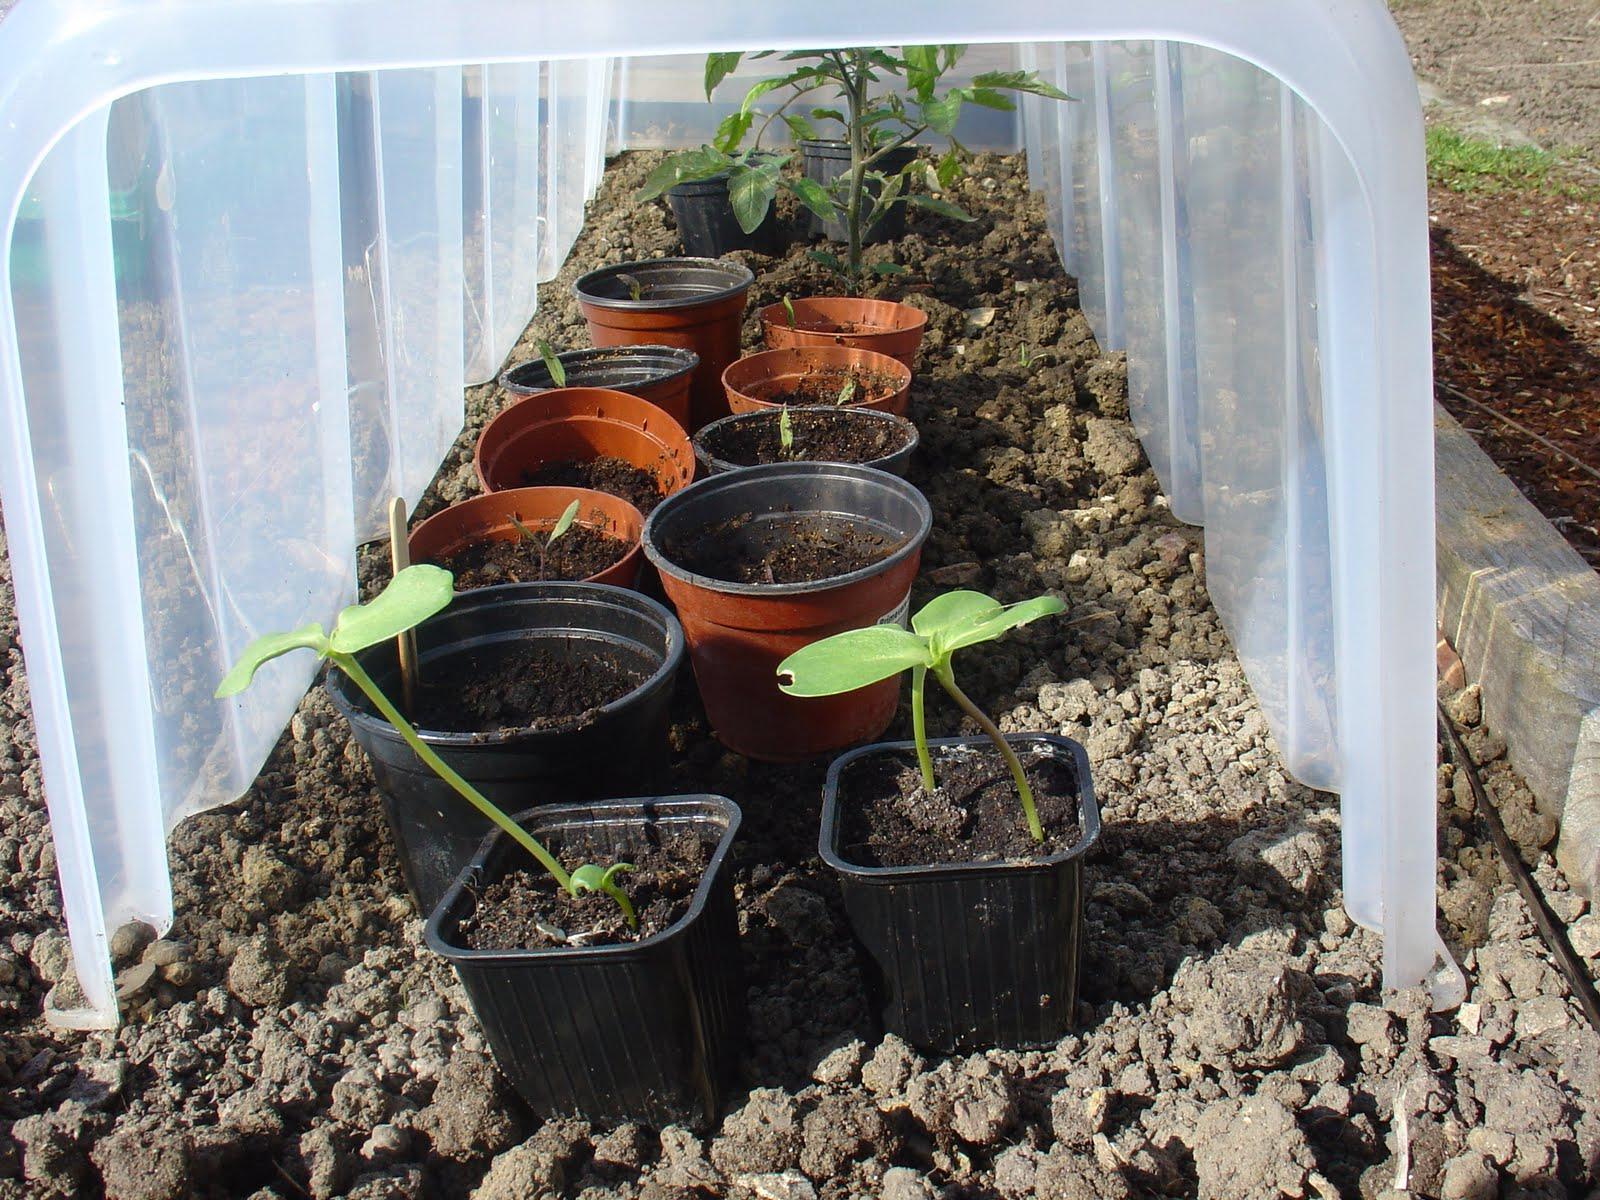 On verra au jardin je m 39 emballe - Planter des graines de potiron ...